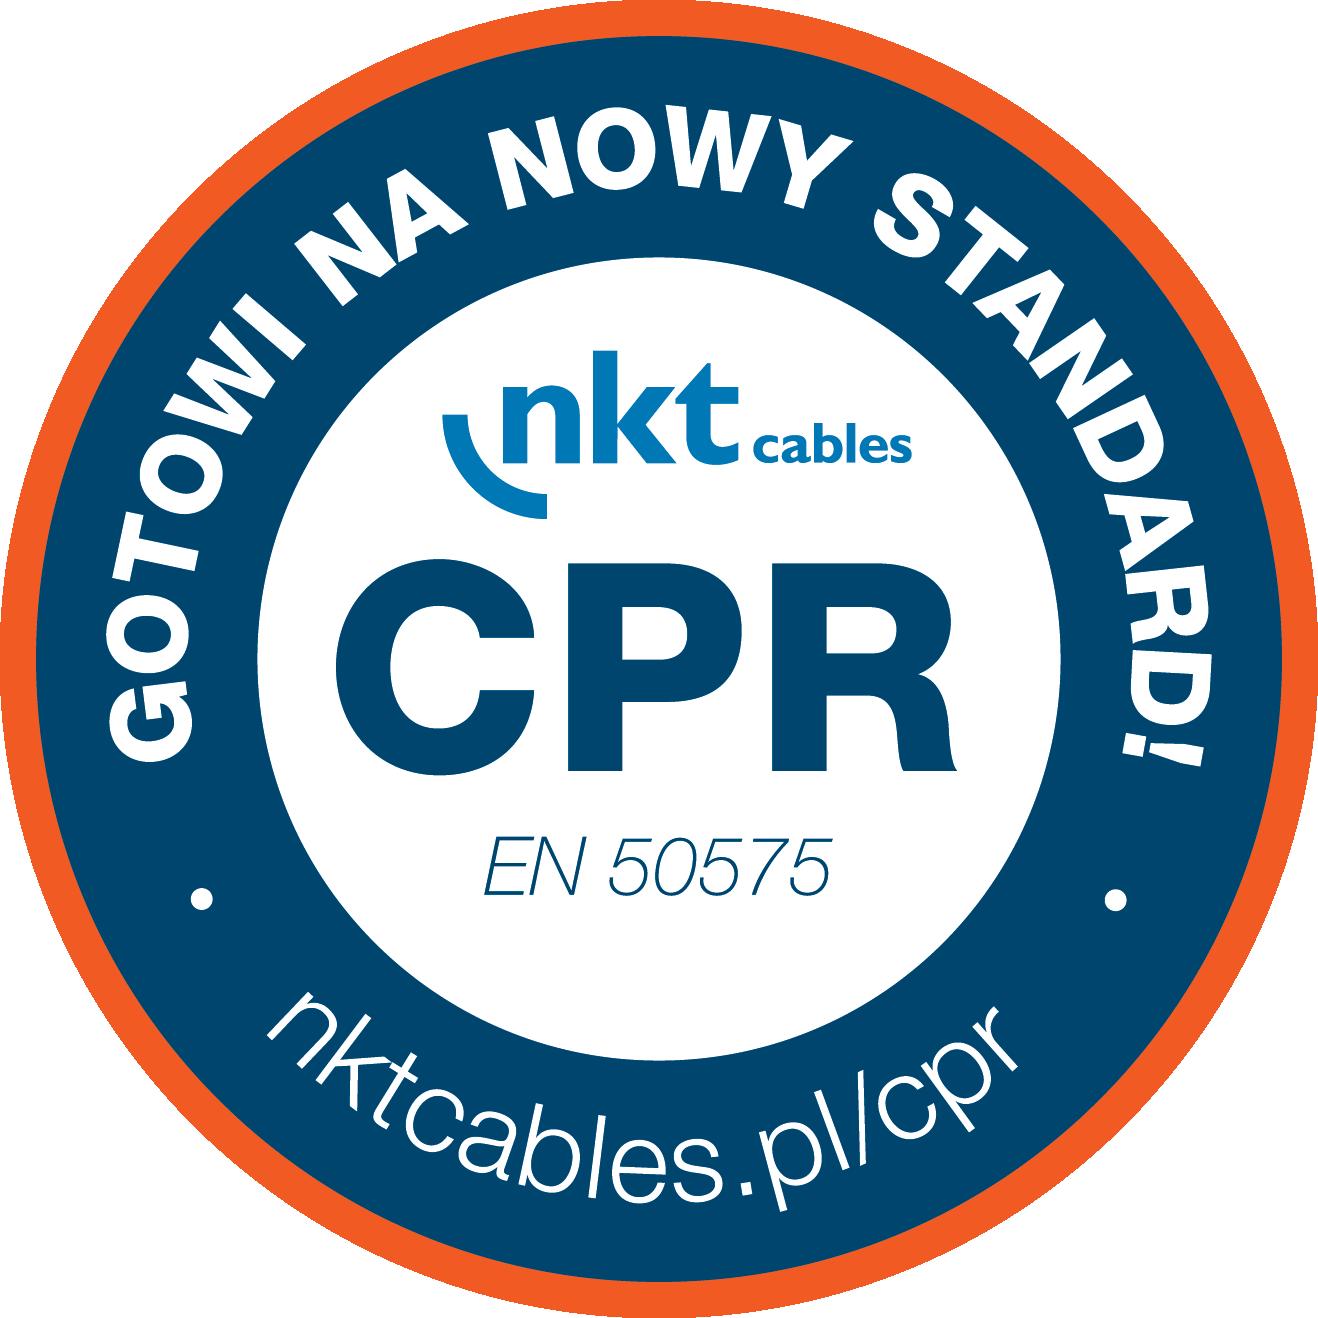 Firma nkt cables już wdraża działania dostosowawcze do wymogów  Dyrektywy CPR